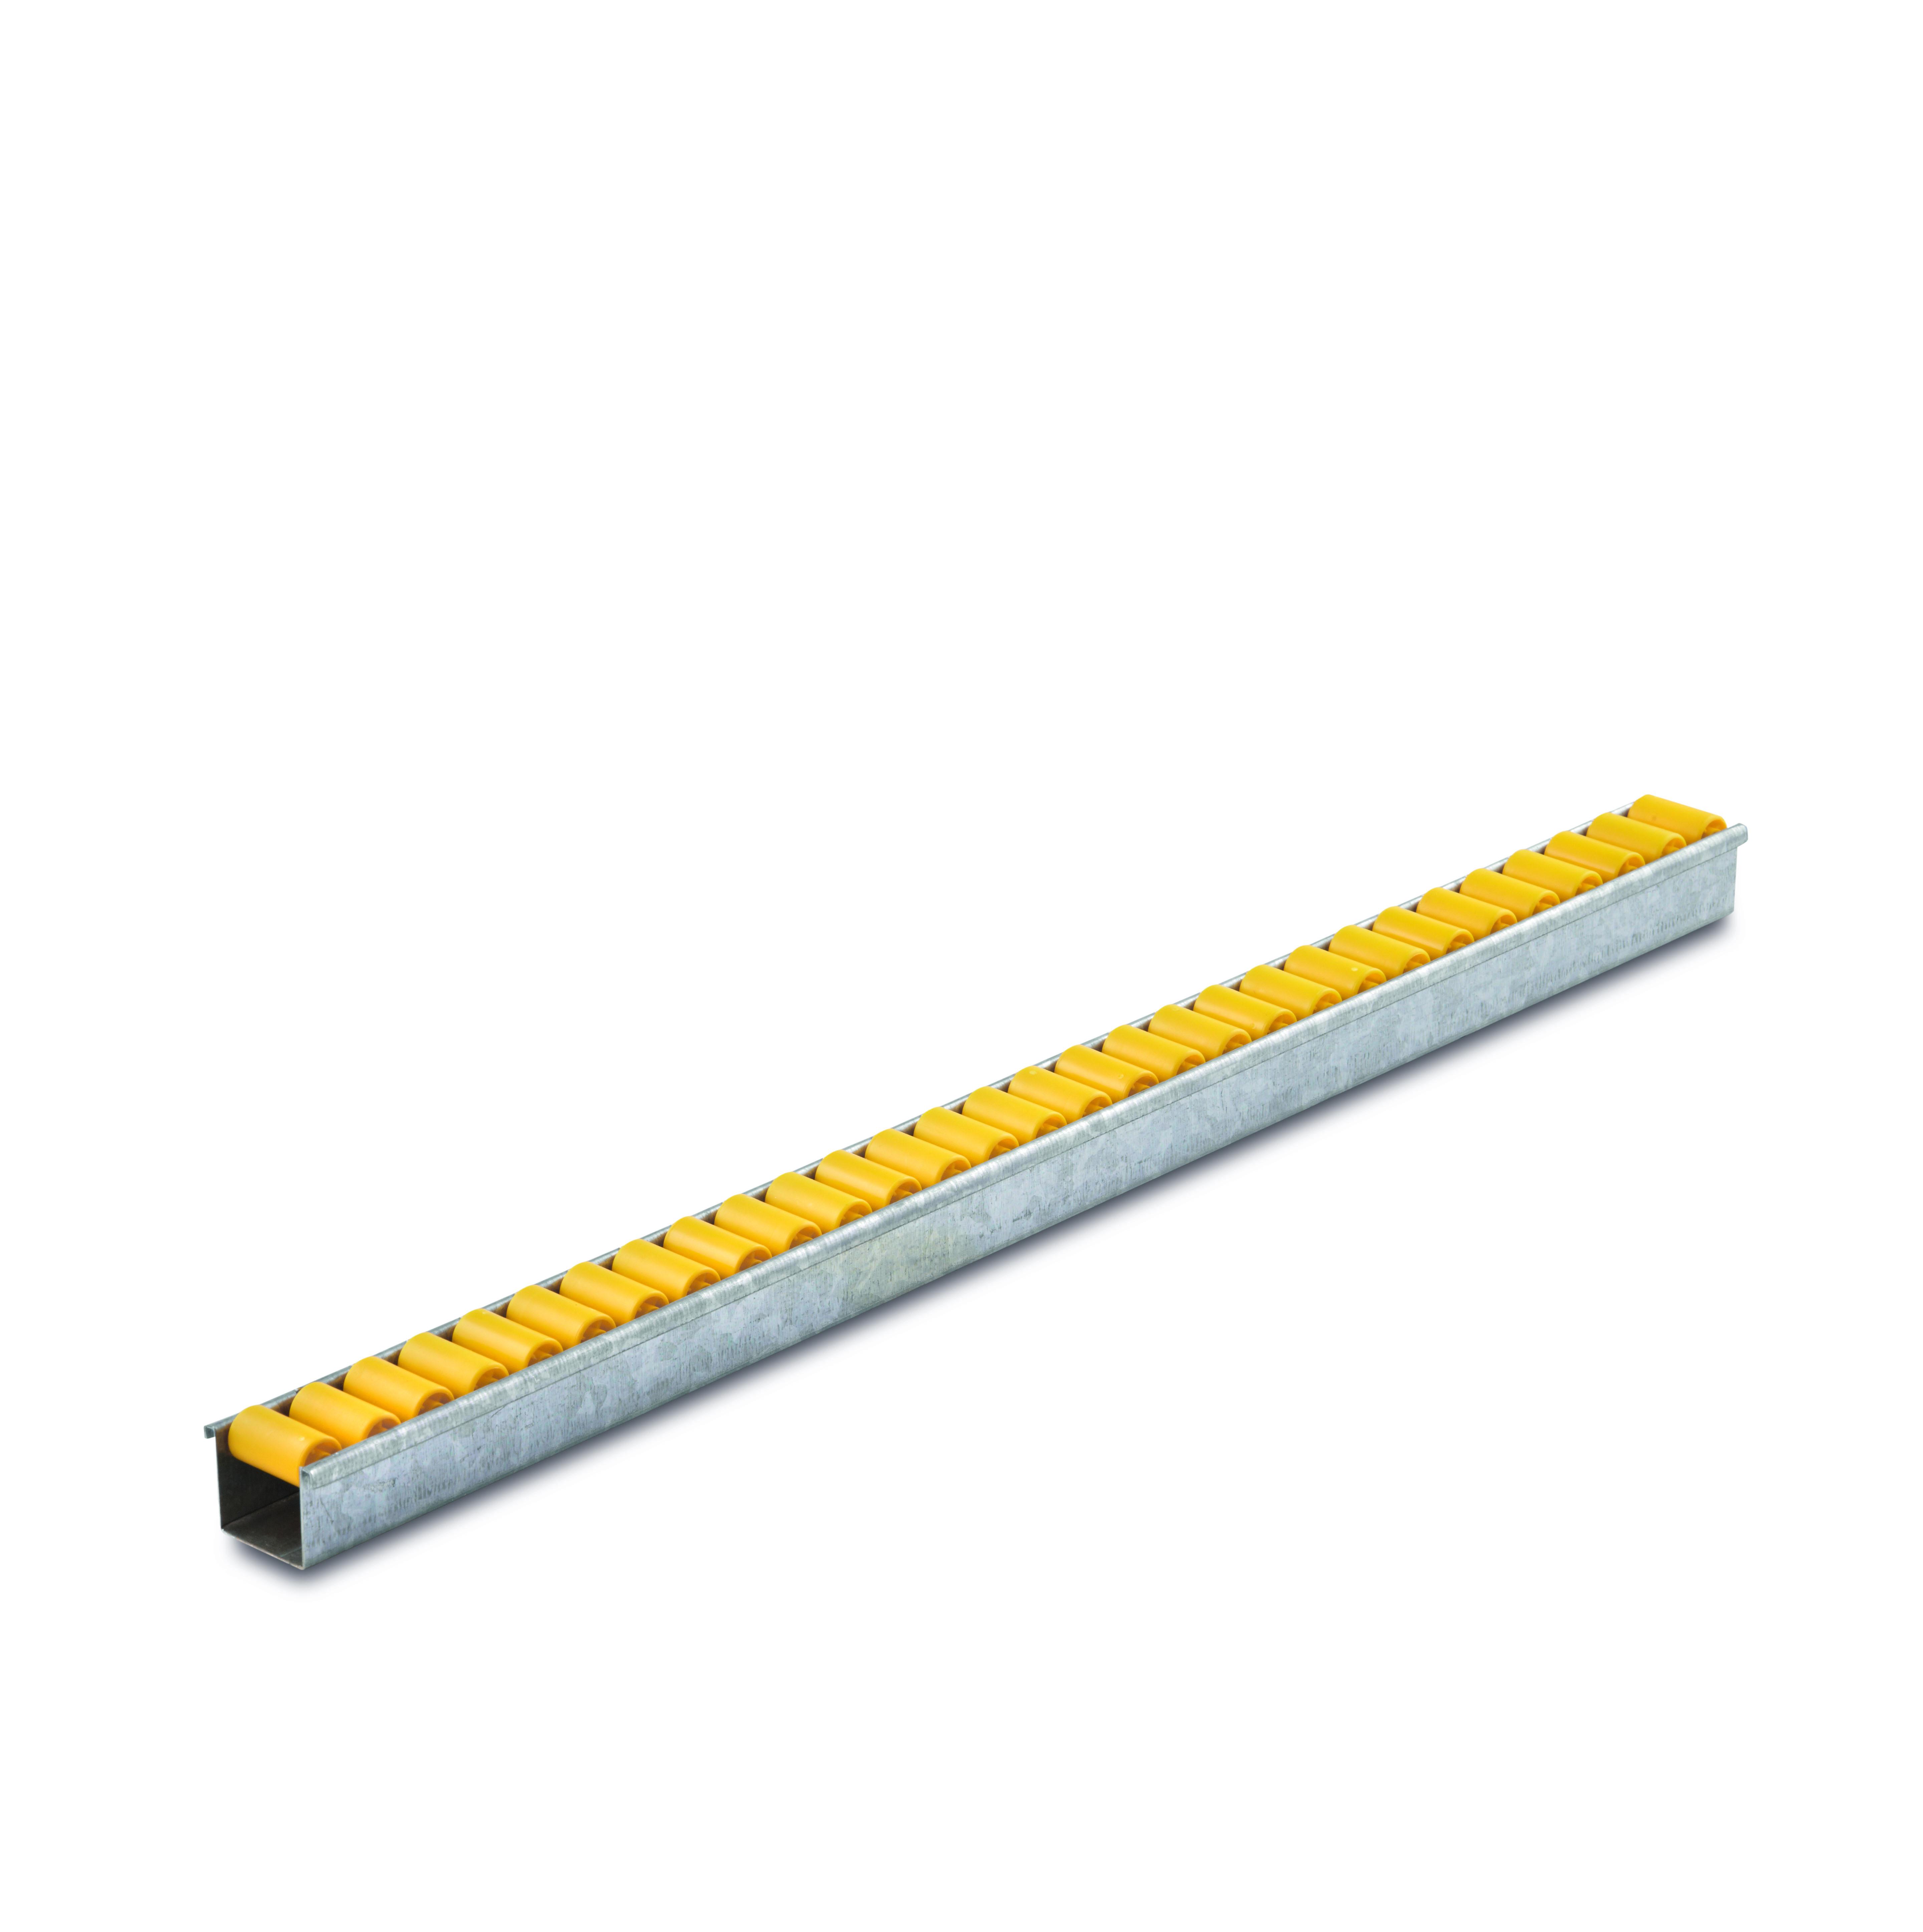 Billed af Mini rulleskinner, sporkans, op til 6 kg pr. rulle, profil 0,8 mm (802-serie)